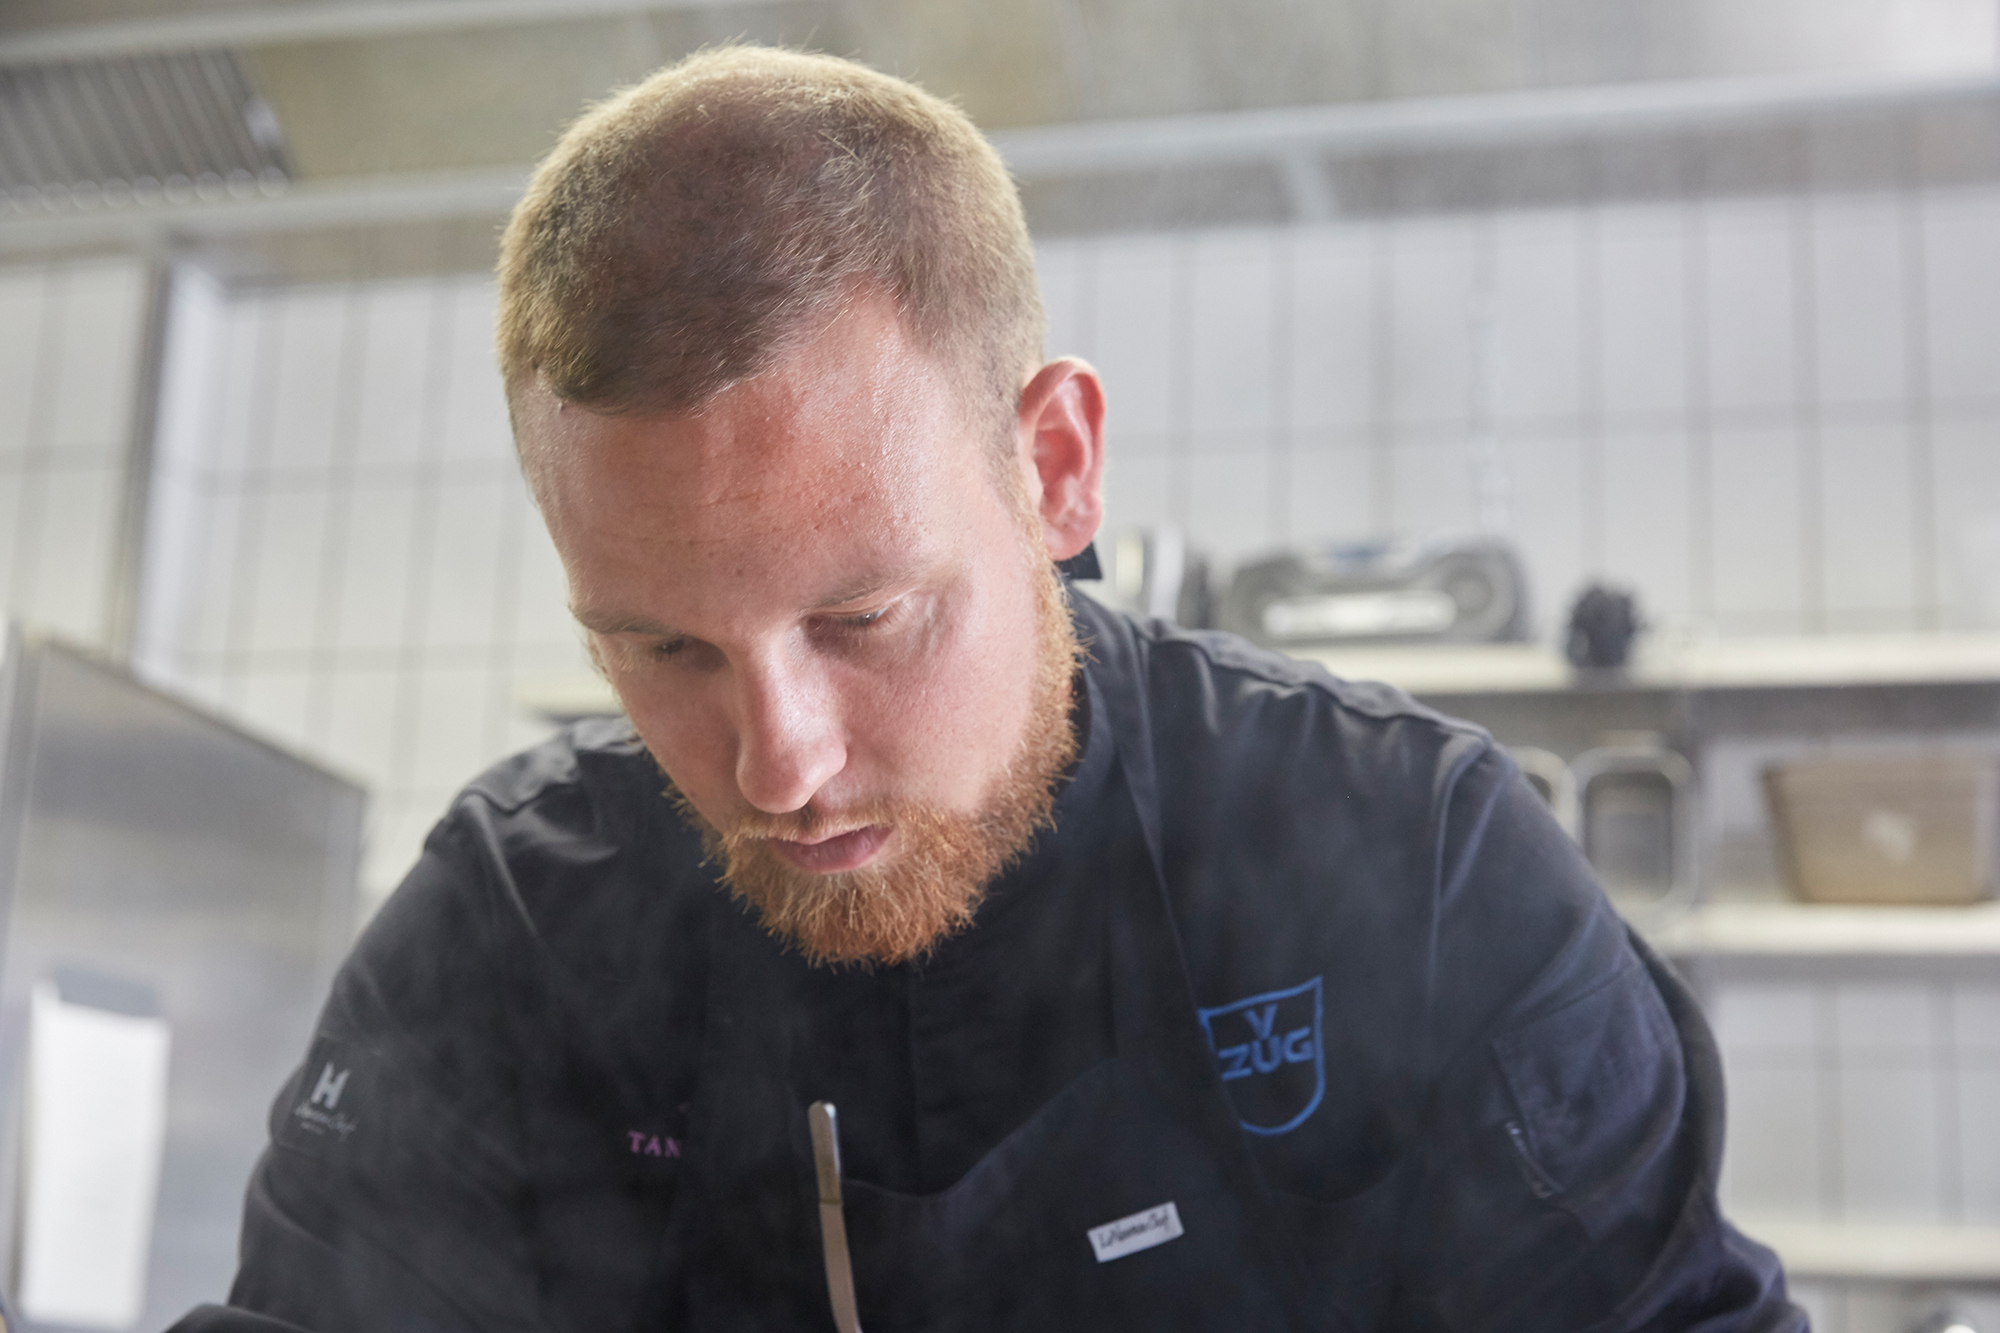 Beim Kochen selbst denke er über nichts anderes nach, sagt Boillat. Dann zählt nur der Geschmack.